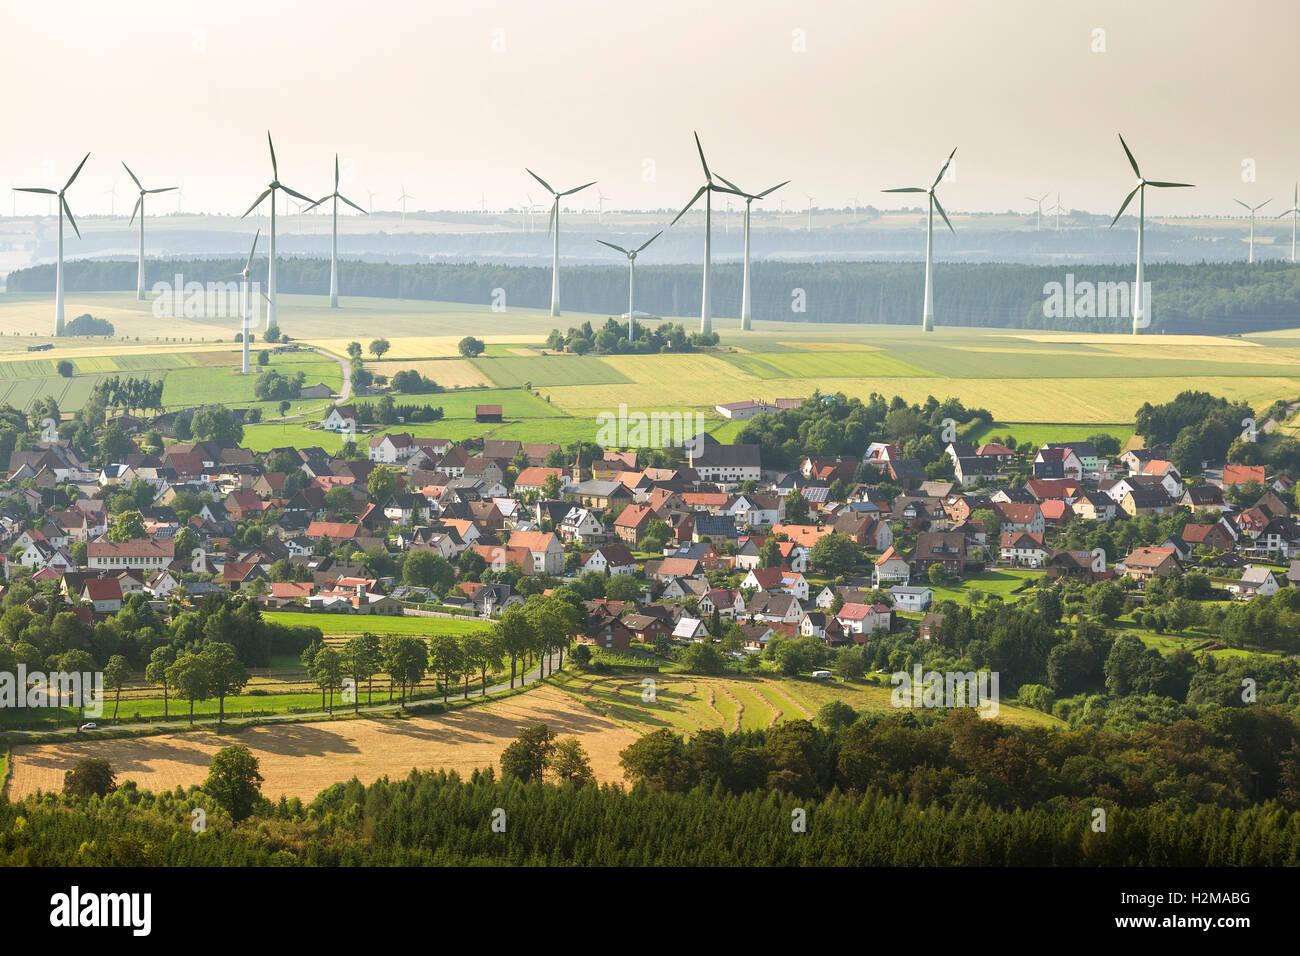 Luftbild, Essentho mit Windparks, Windkraftanlagen auf Sintfeld, Marsberg, Sauerland, Hochsauerland administrative Stockbild